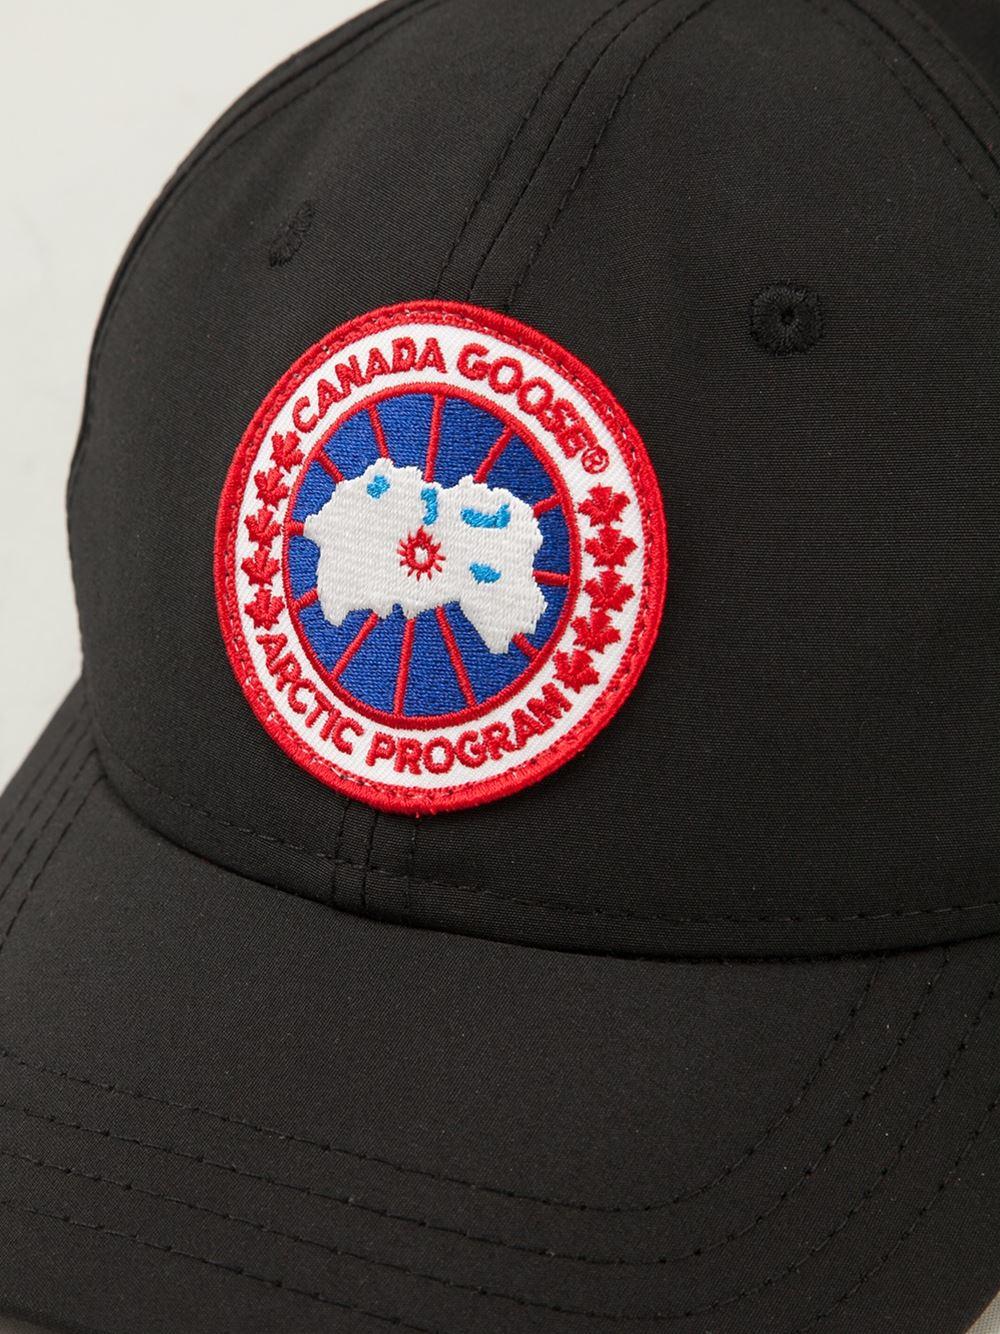 42eefcaec80 Lyst - Canada Goose Ball Cap in Black for Men